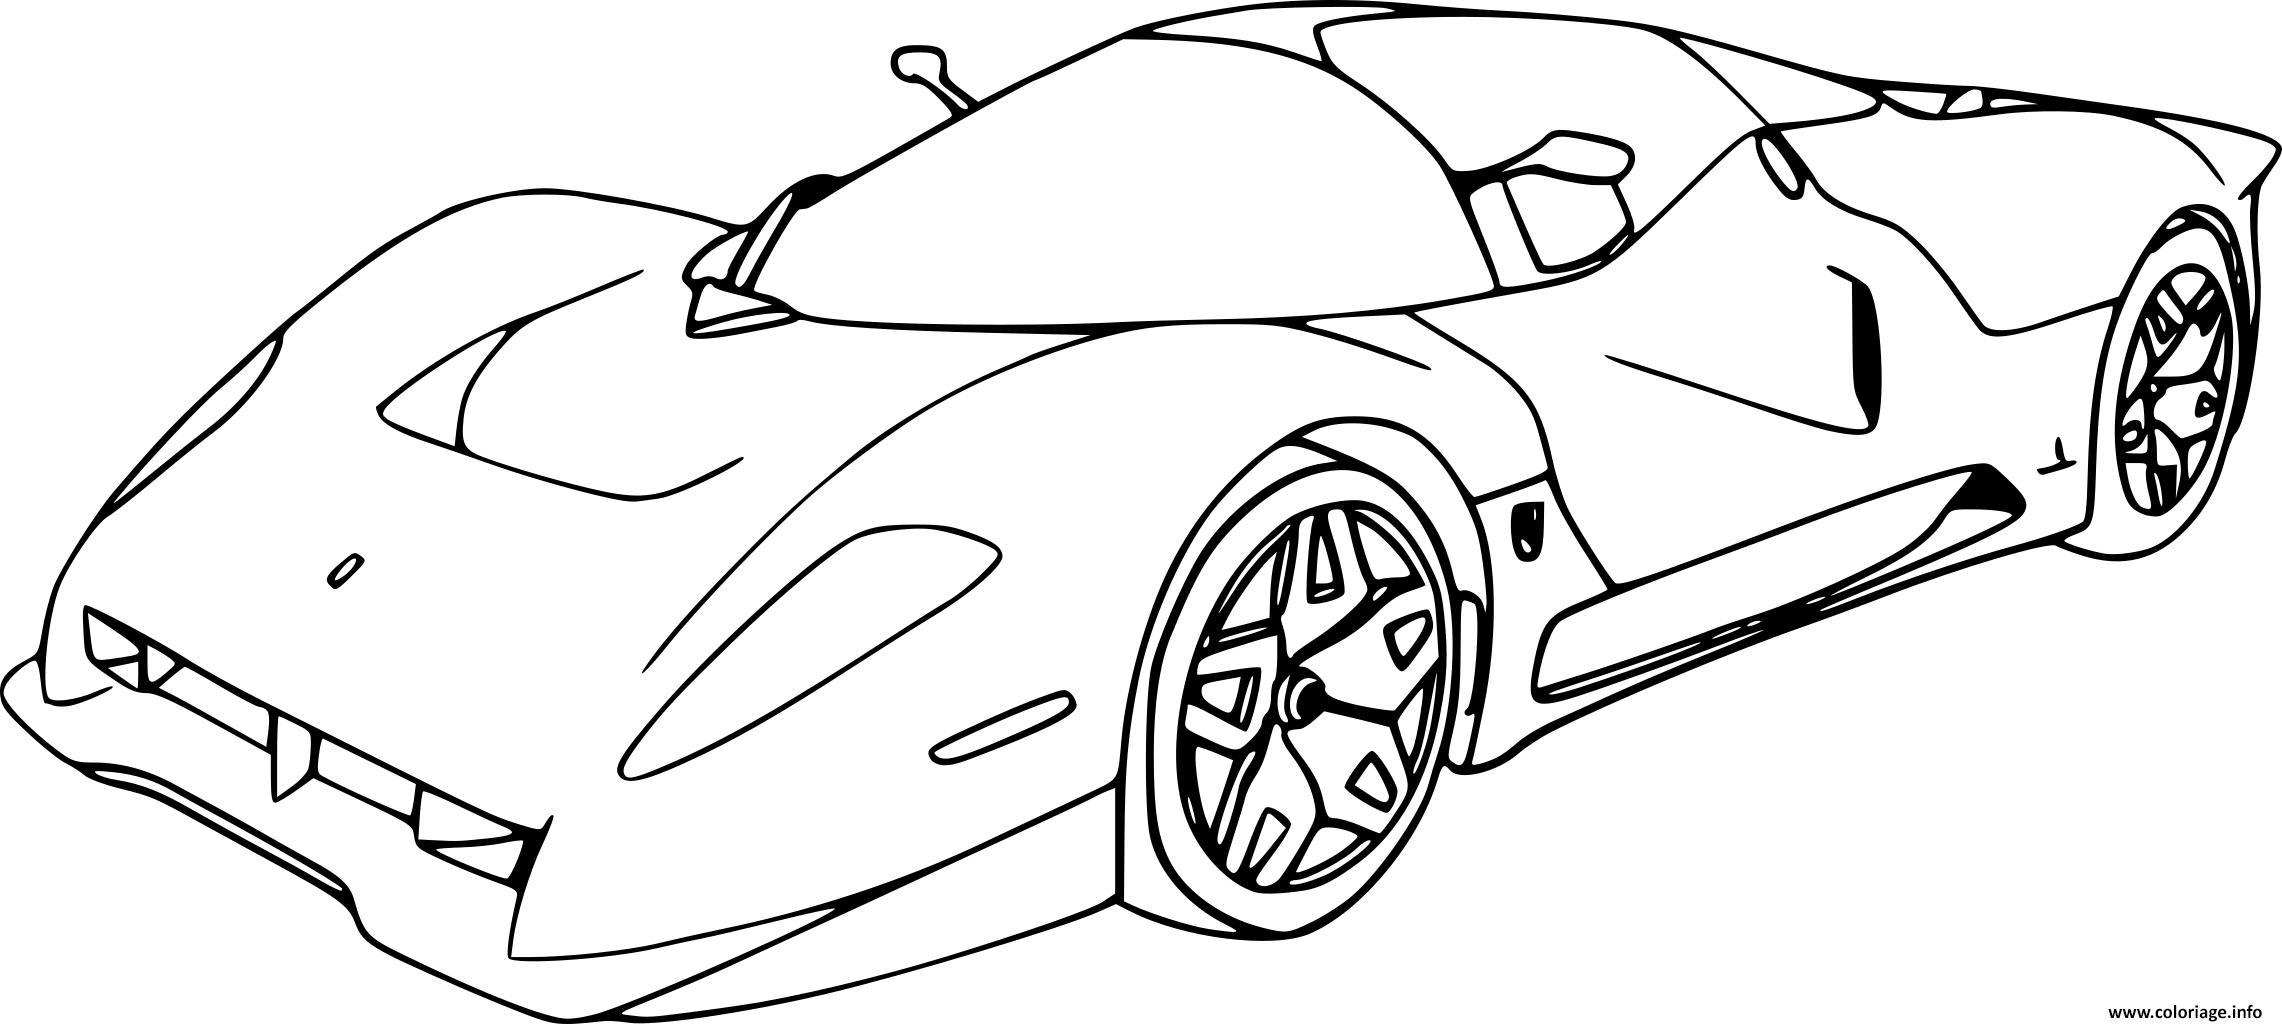 Dessin nouvelle voiture Voiture Ferrari course Coloriage Gratuit à Imprimer